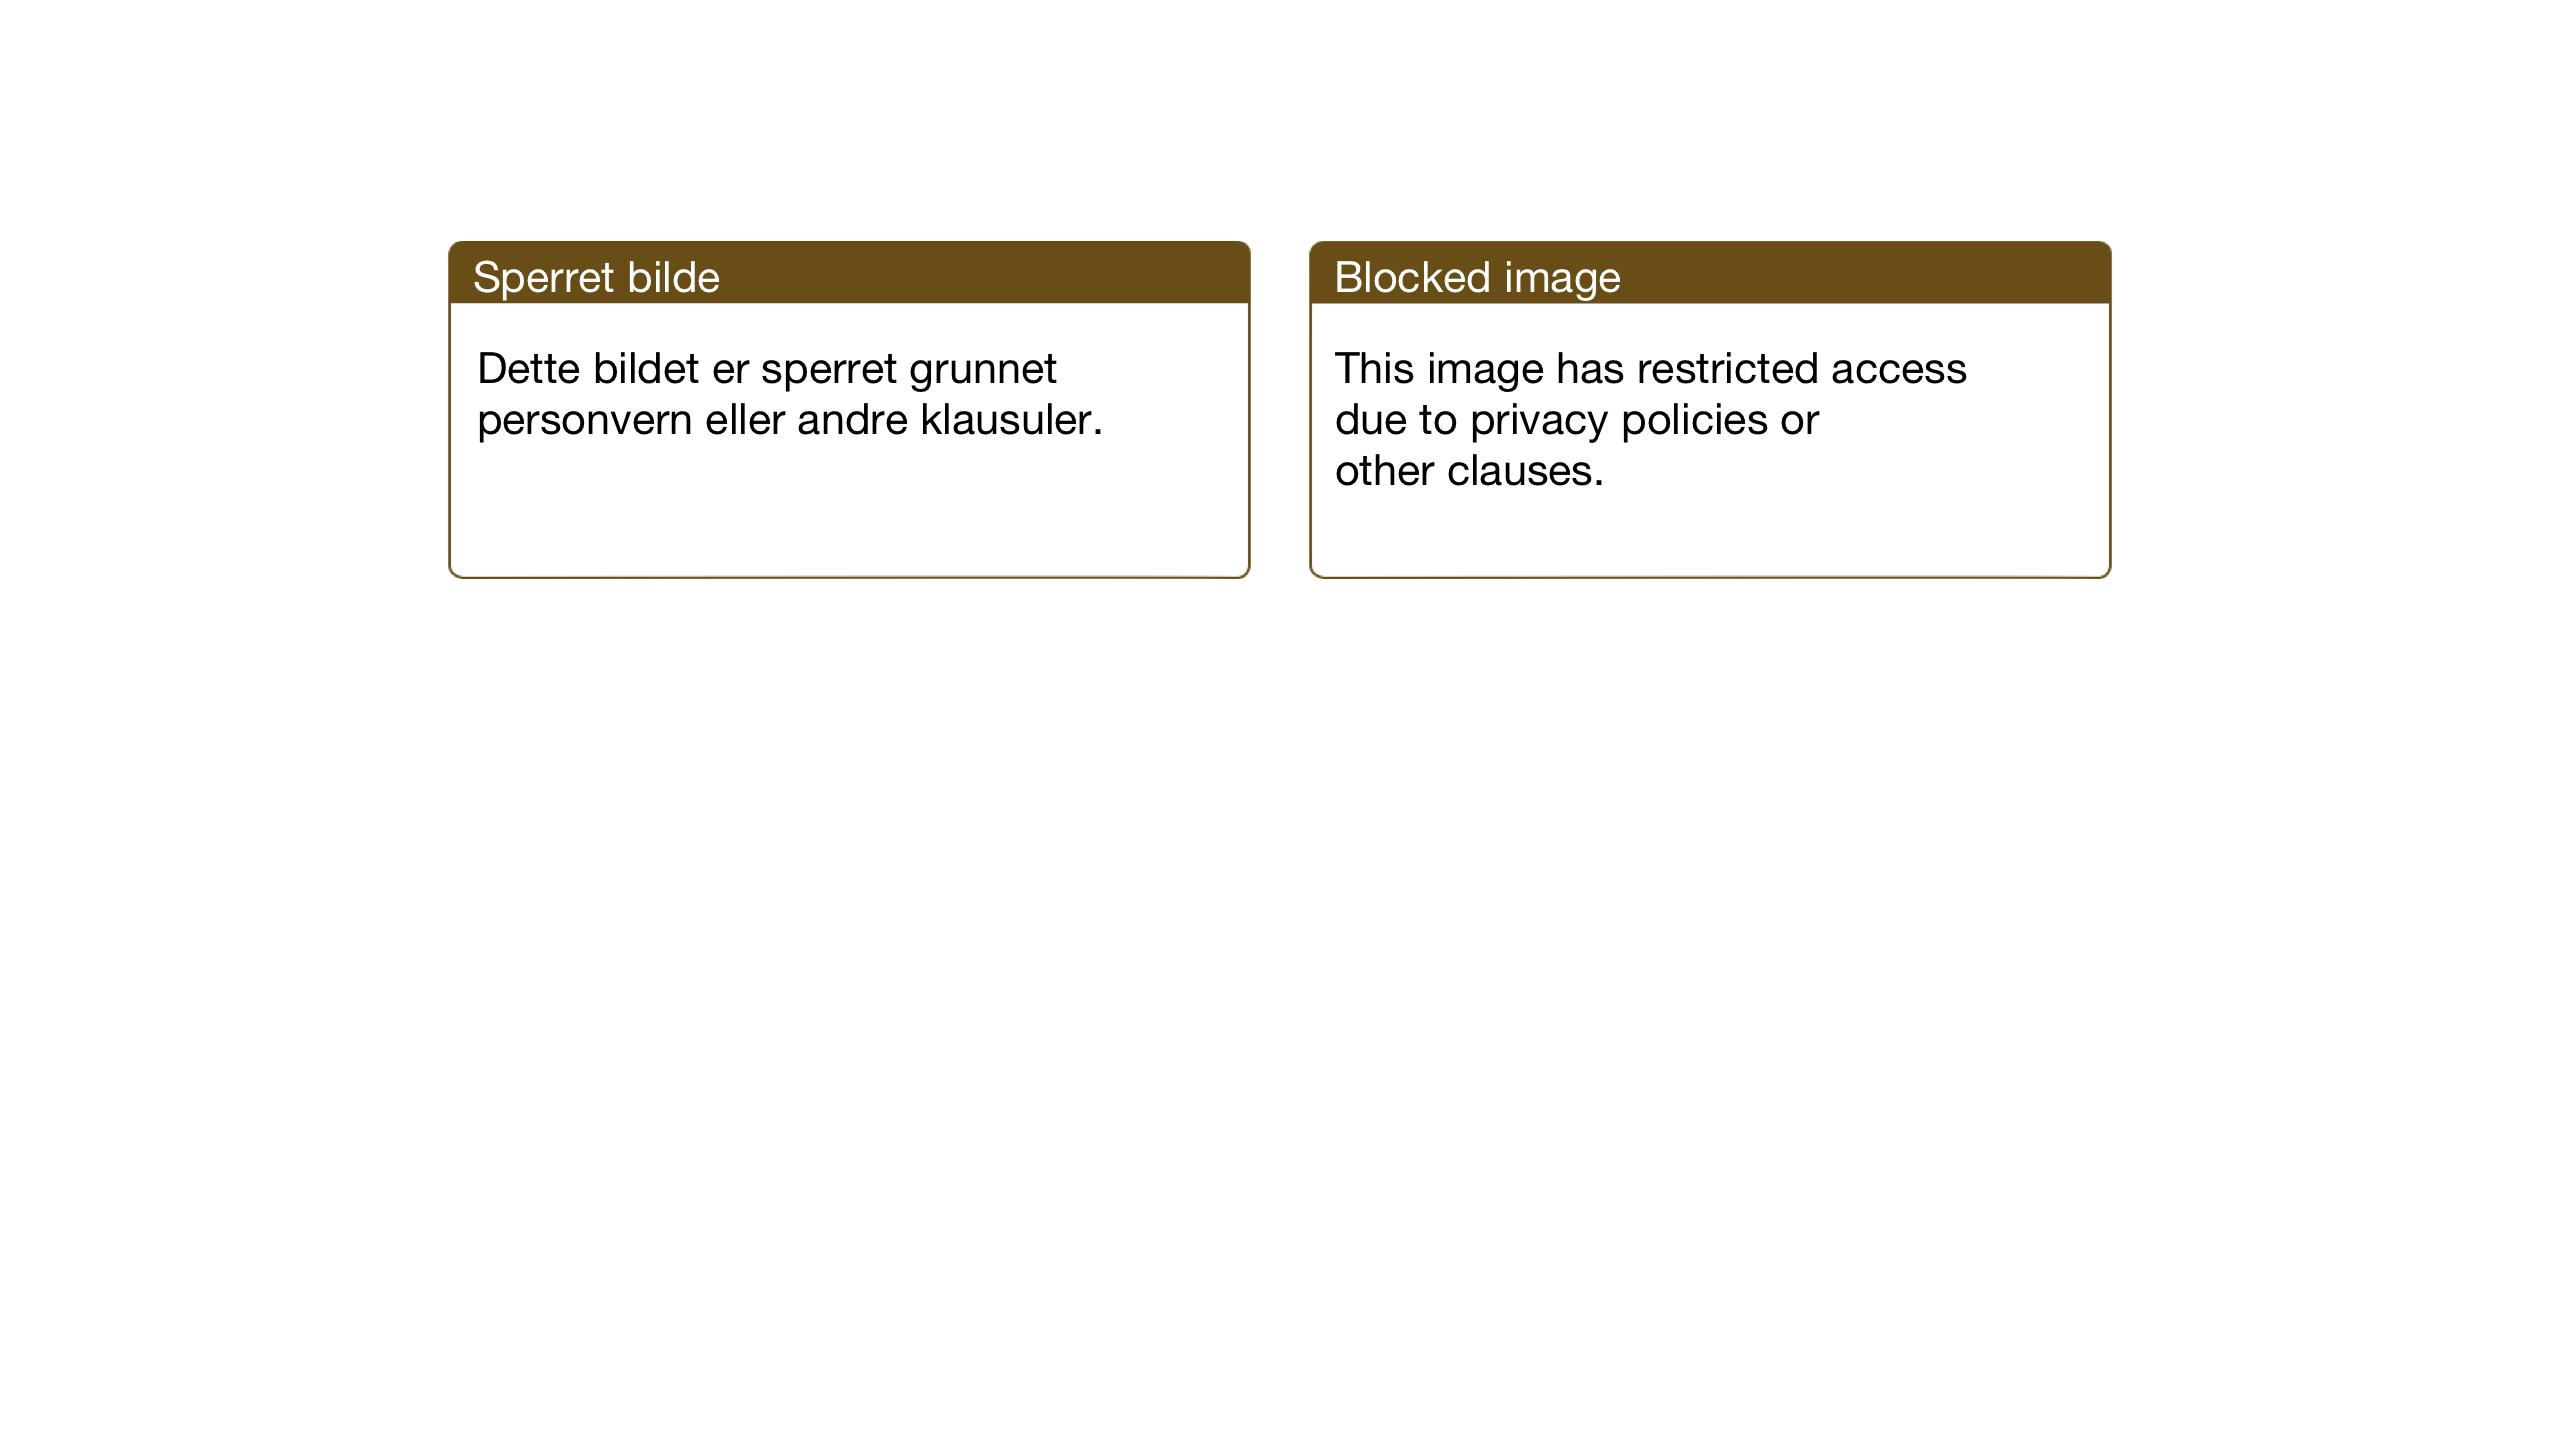 SAT, Ministerialprotokoller, klokkerbøker og fødselsregistre - Sør-Trøndelag, 630/L0508: Klokkerbok nr. 630C06, 1933-1950, s. 16